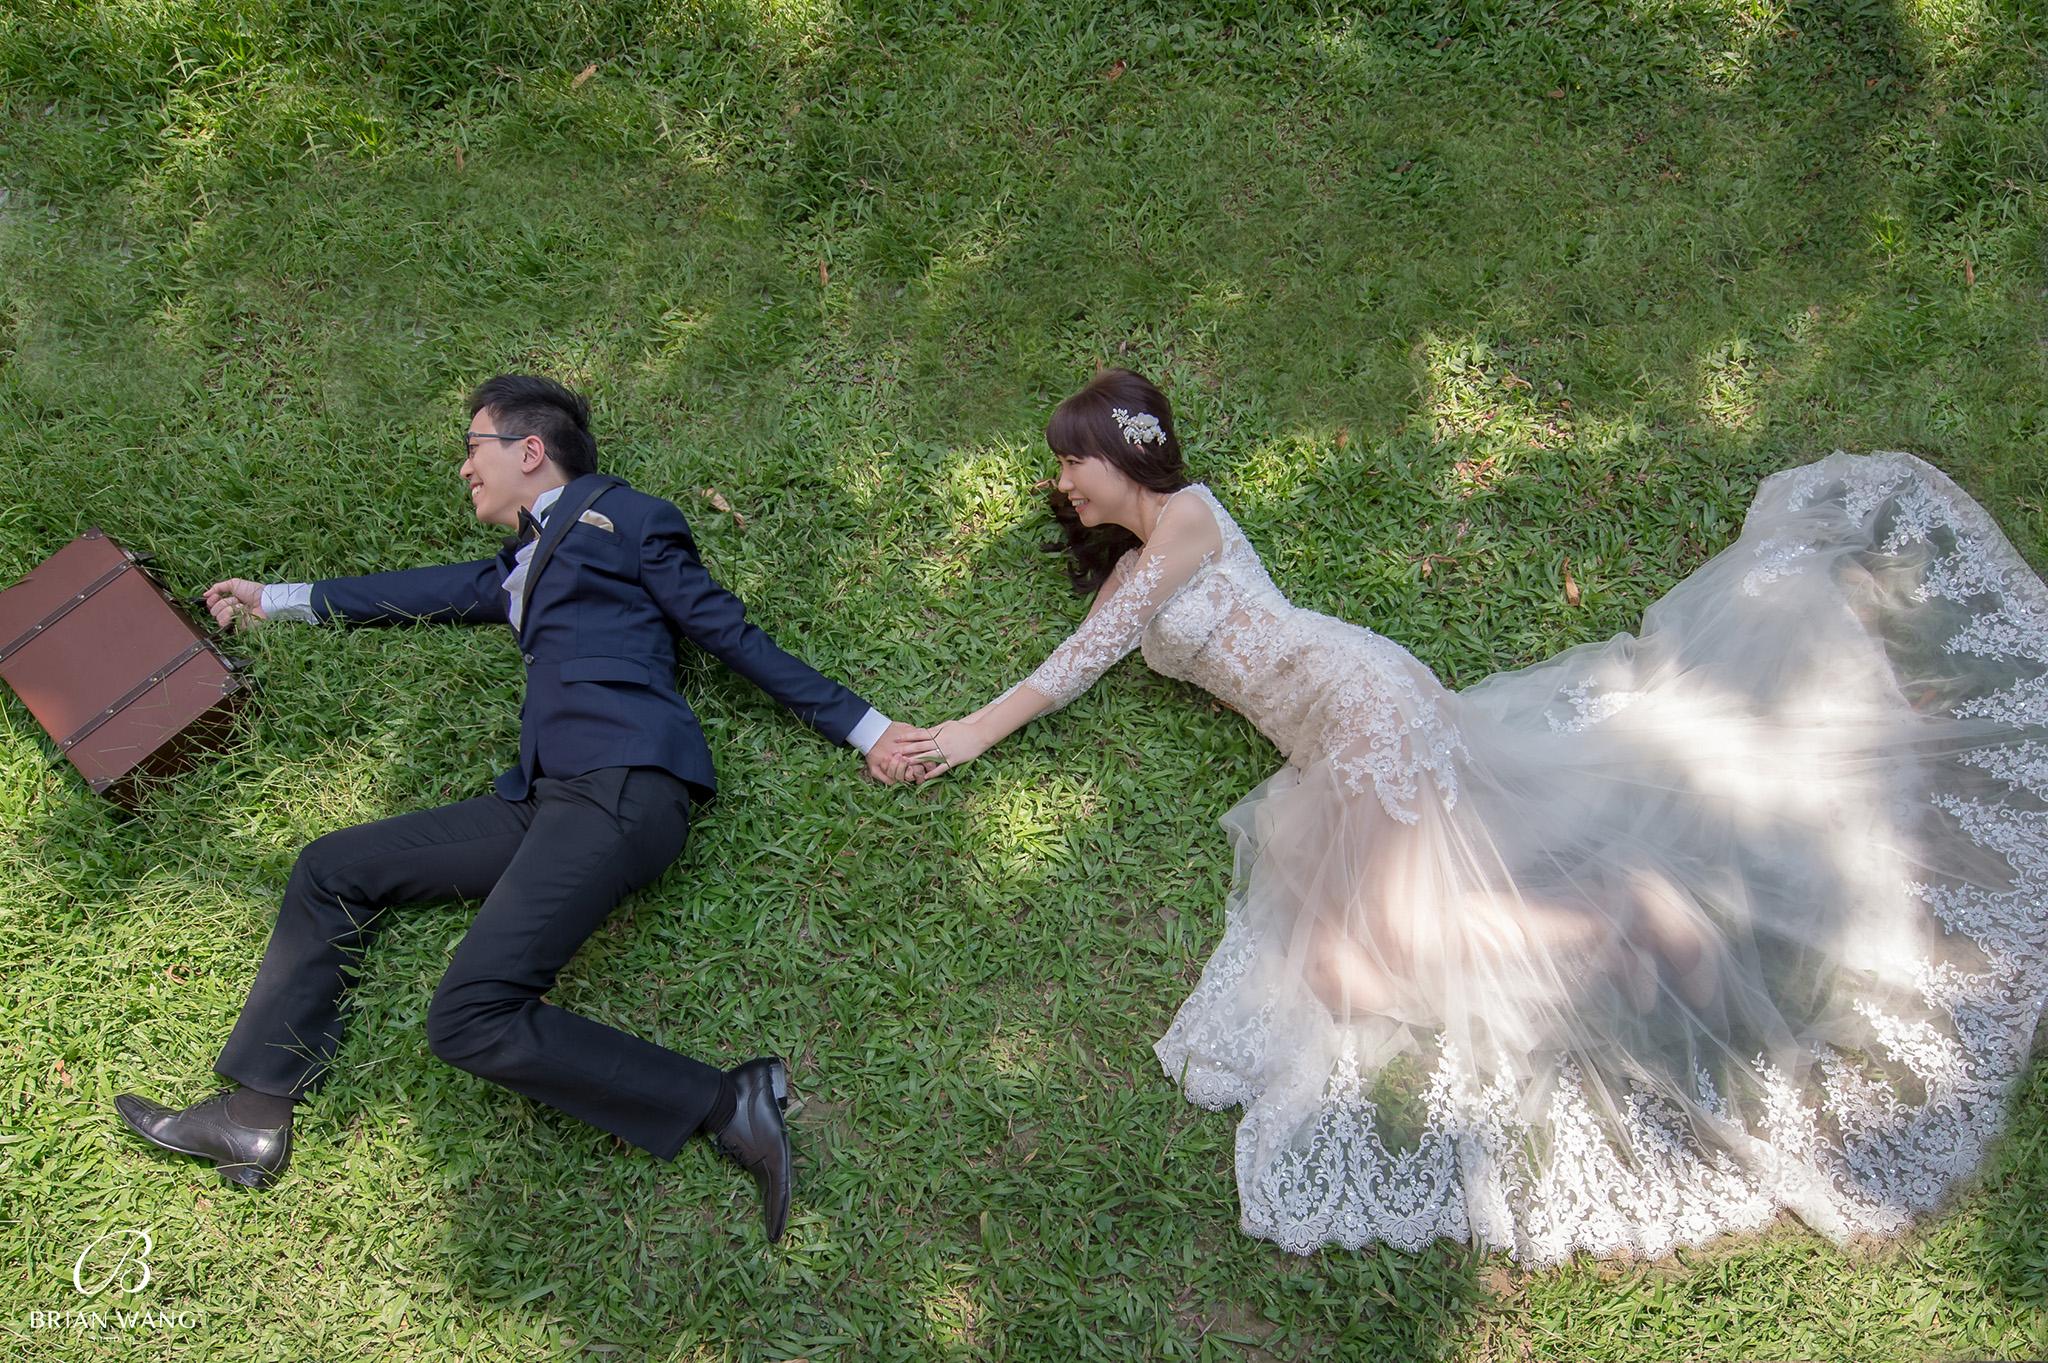 '陽明山黑森林婚紗,逆光婚紗,時尚曼谷婚紗,台大婚紗,台大校史館婚紗,食尚曼谷婚紗,婚紗價格,BWS_9540'